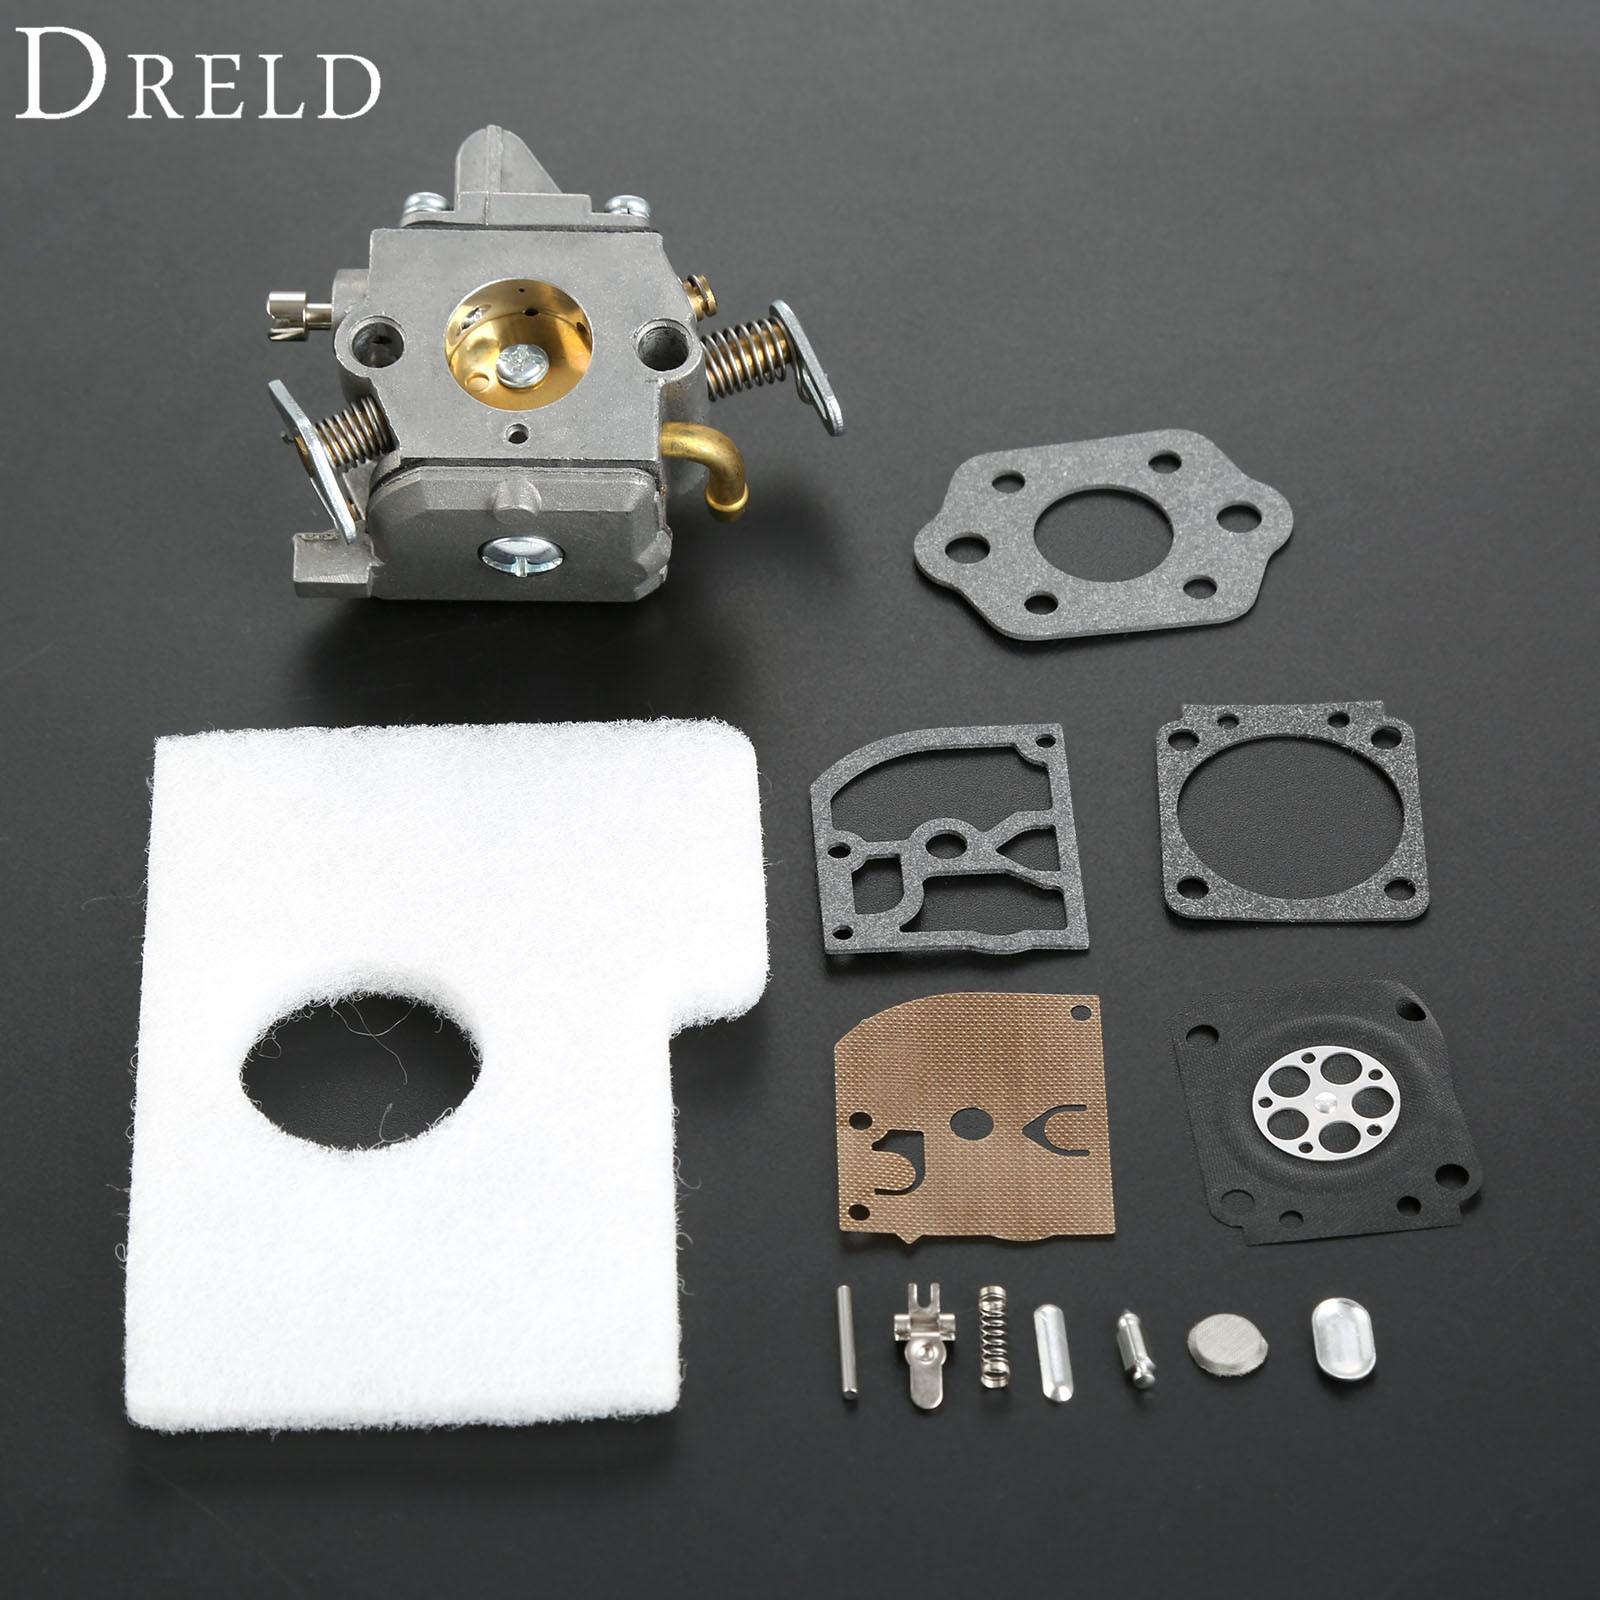 DRELD Tronçonneuses Carburateur Filtre À Air De Réparation Rebuild Kit Pour STIHL MS170 MS180 MS 170 180 017 018 Tronçonneuse Zama C1Q-S57B 1130